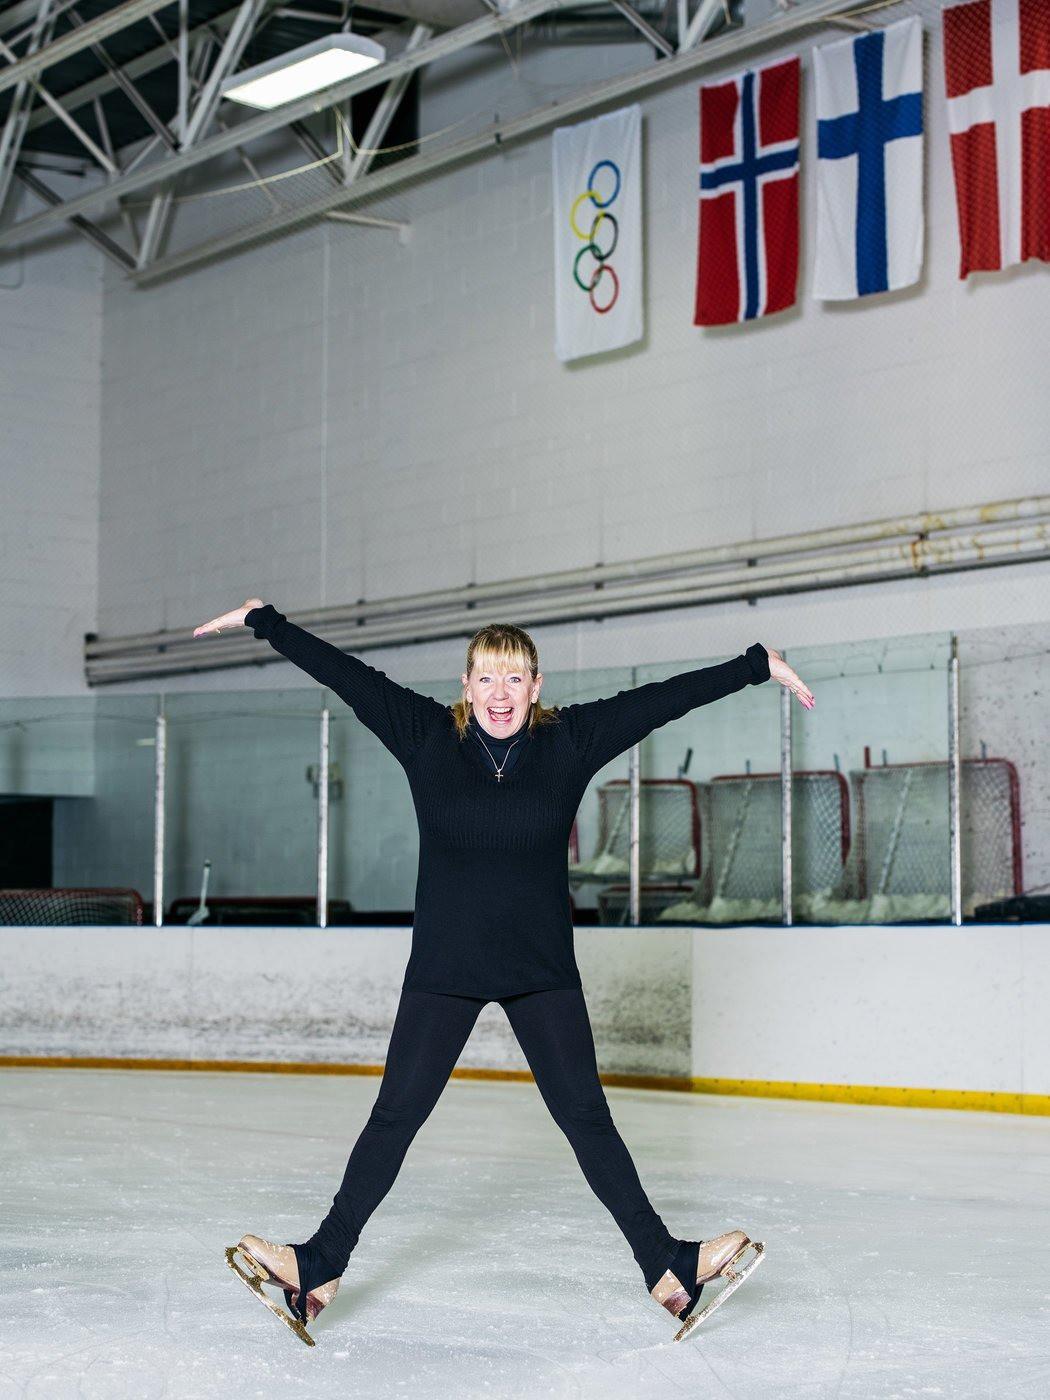 Cuộc đời truân chuyên của ngôi sao trượt băng Tonya Harding sau scandal tiếng hét thất thanh chấn động làng thể thao Mỹ 5